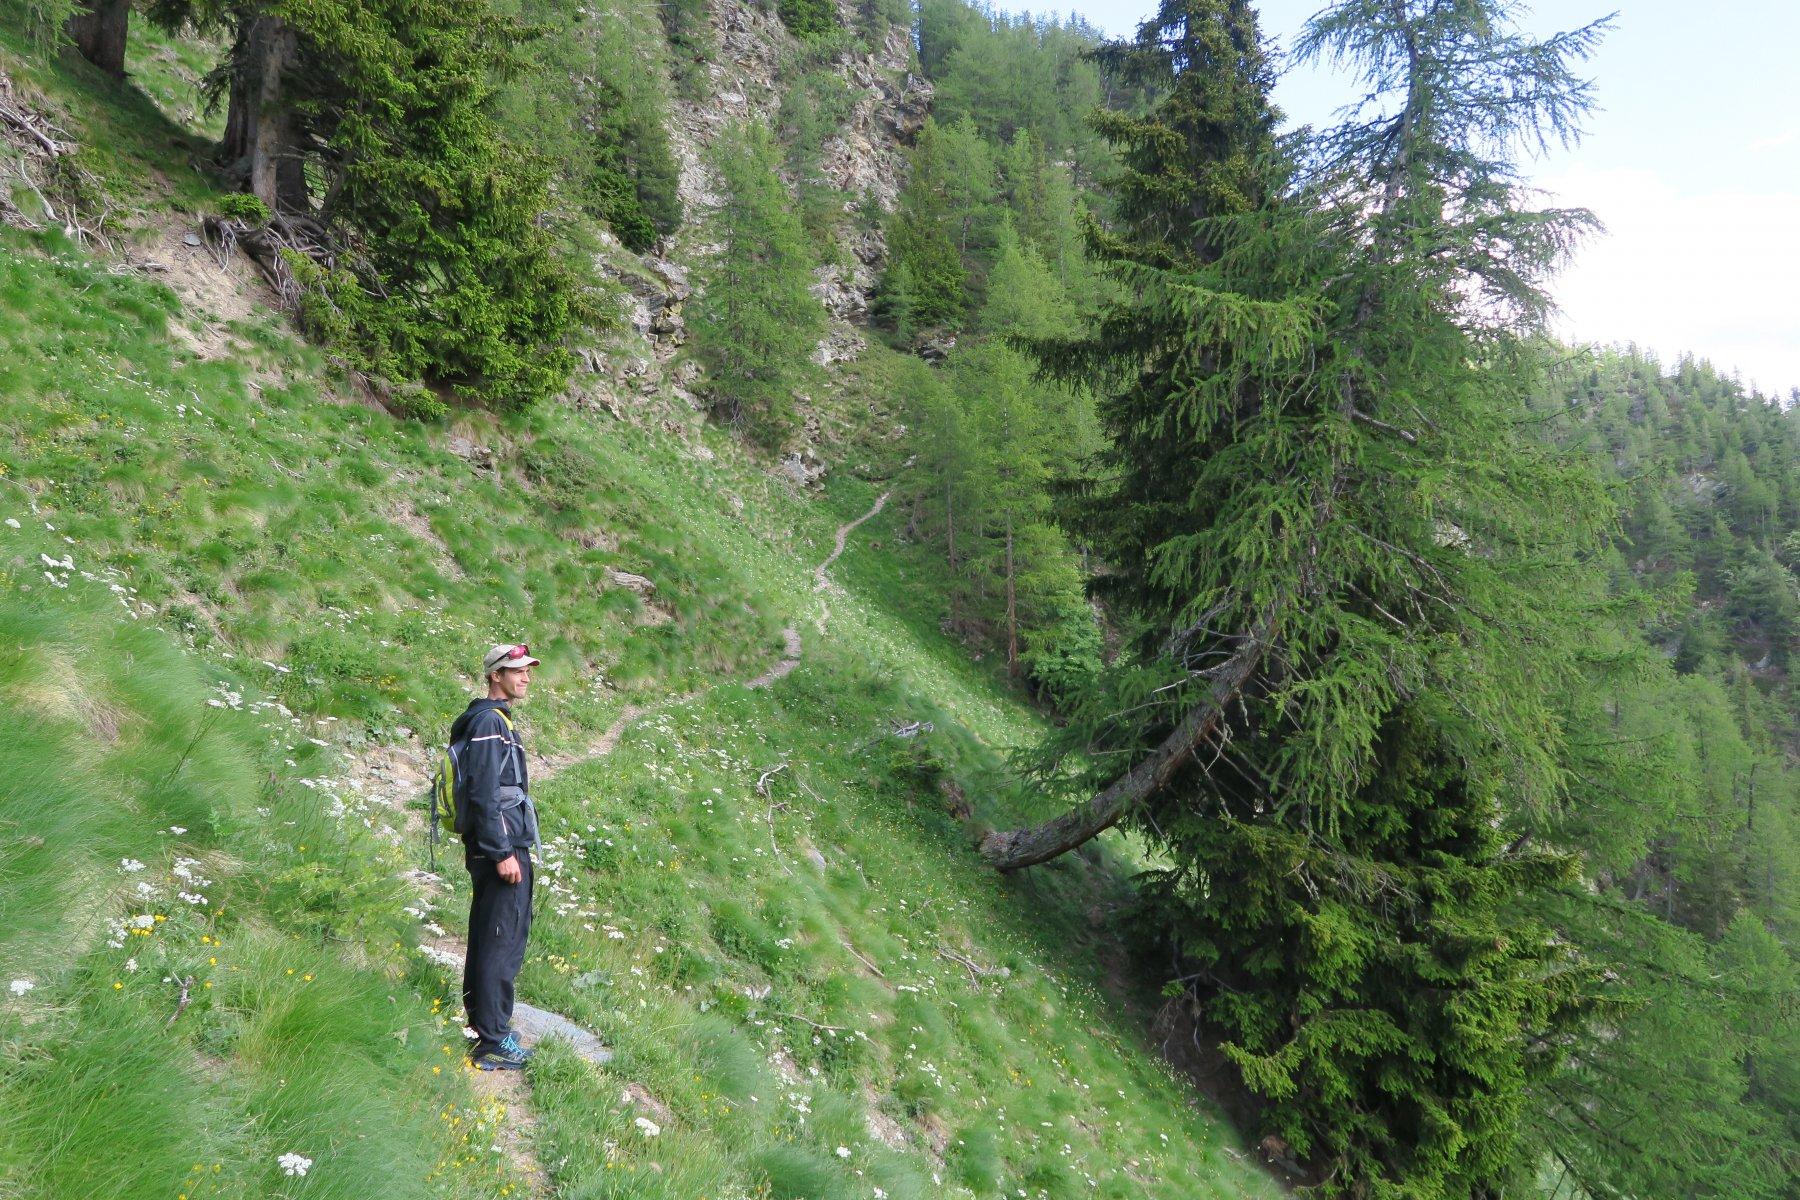 ultimo e ripido tratto di sentiero da risalire per arrivare a Plan Puitz